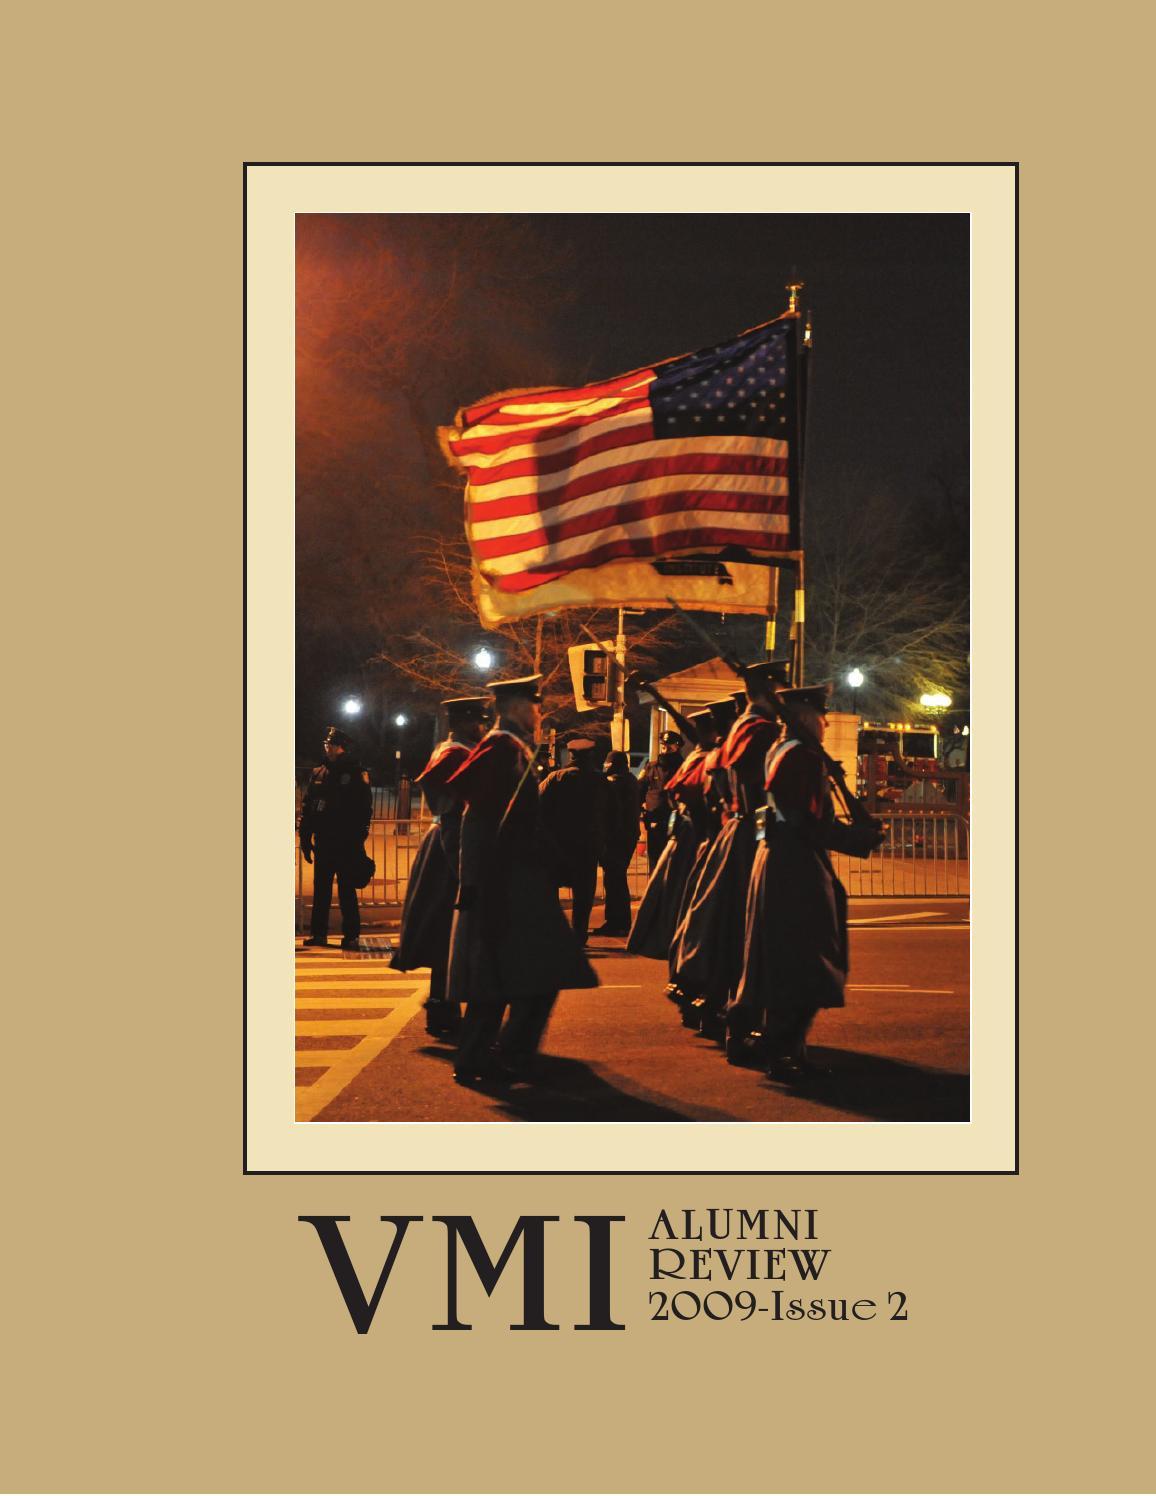 alumni review 2009 issue 1 by vmi alumni agencies - issuu